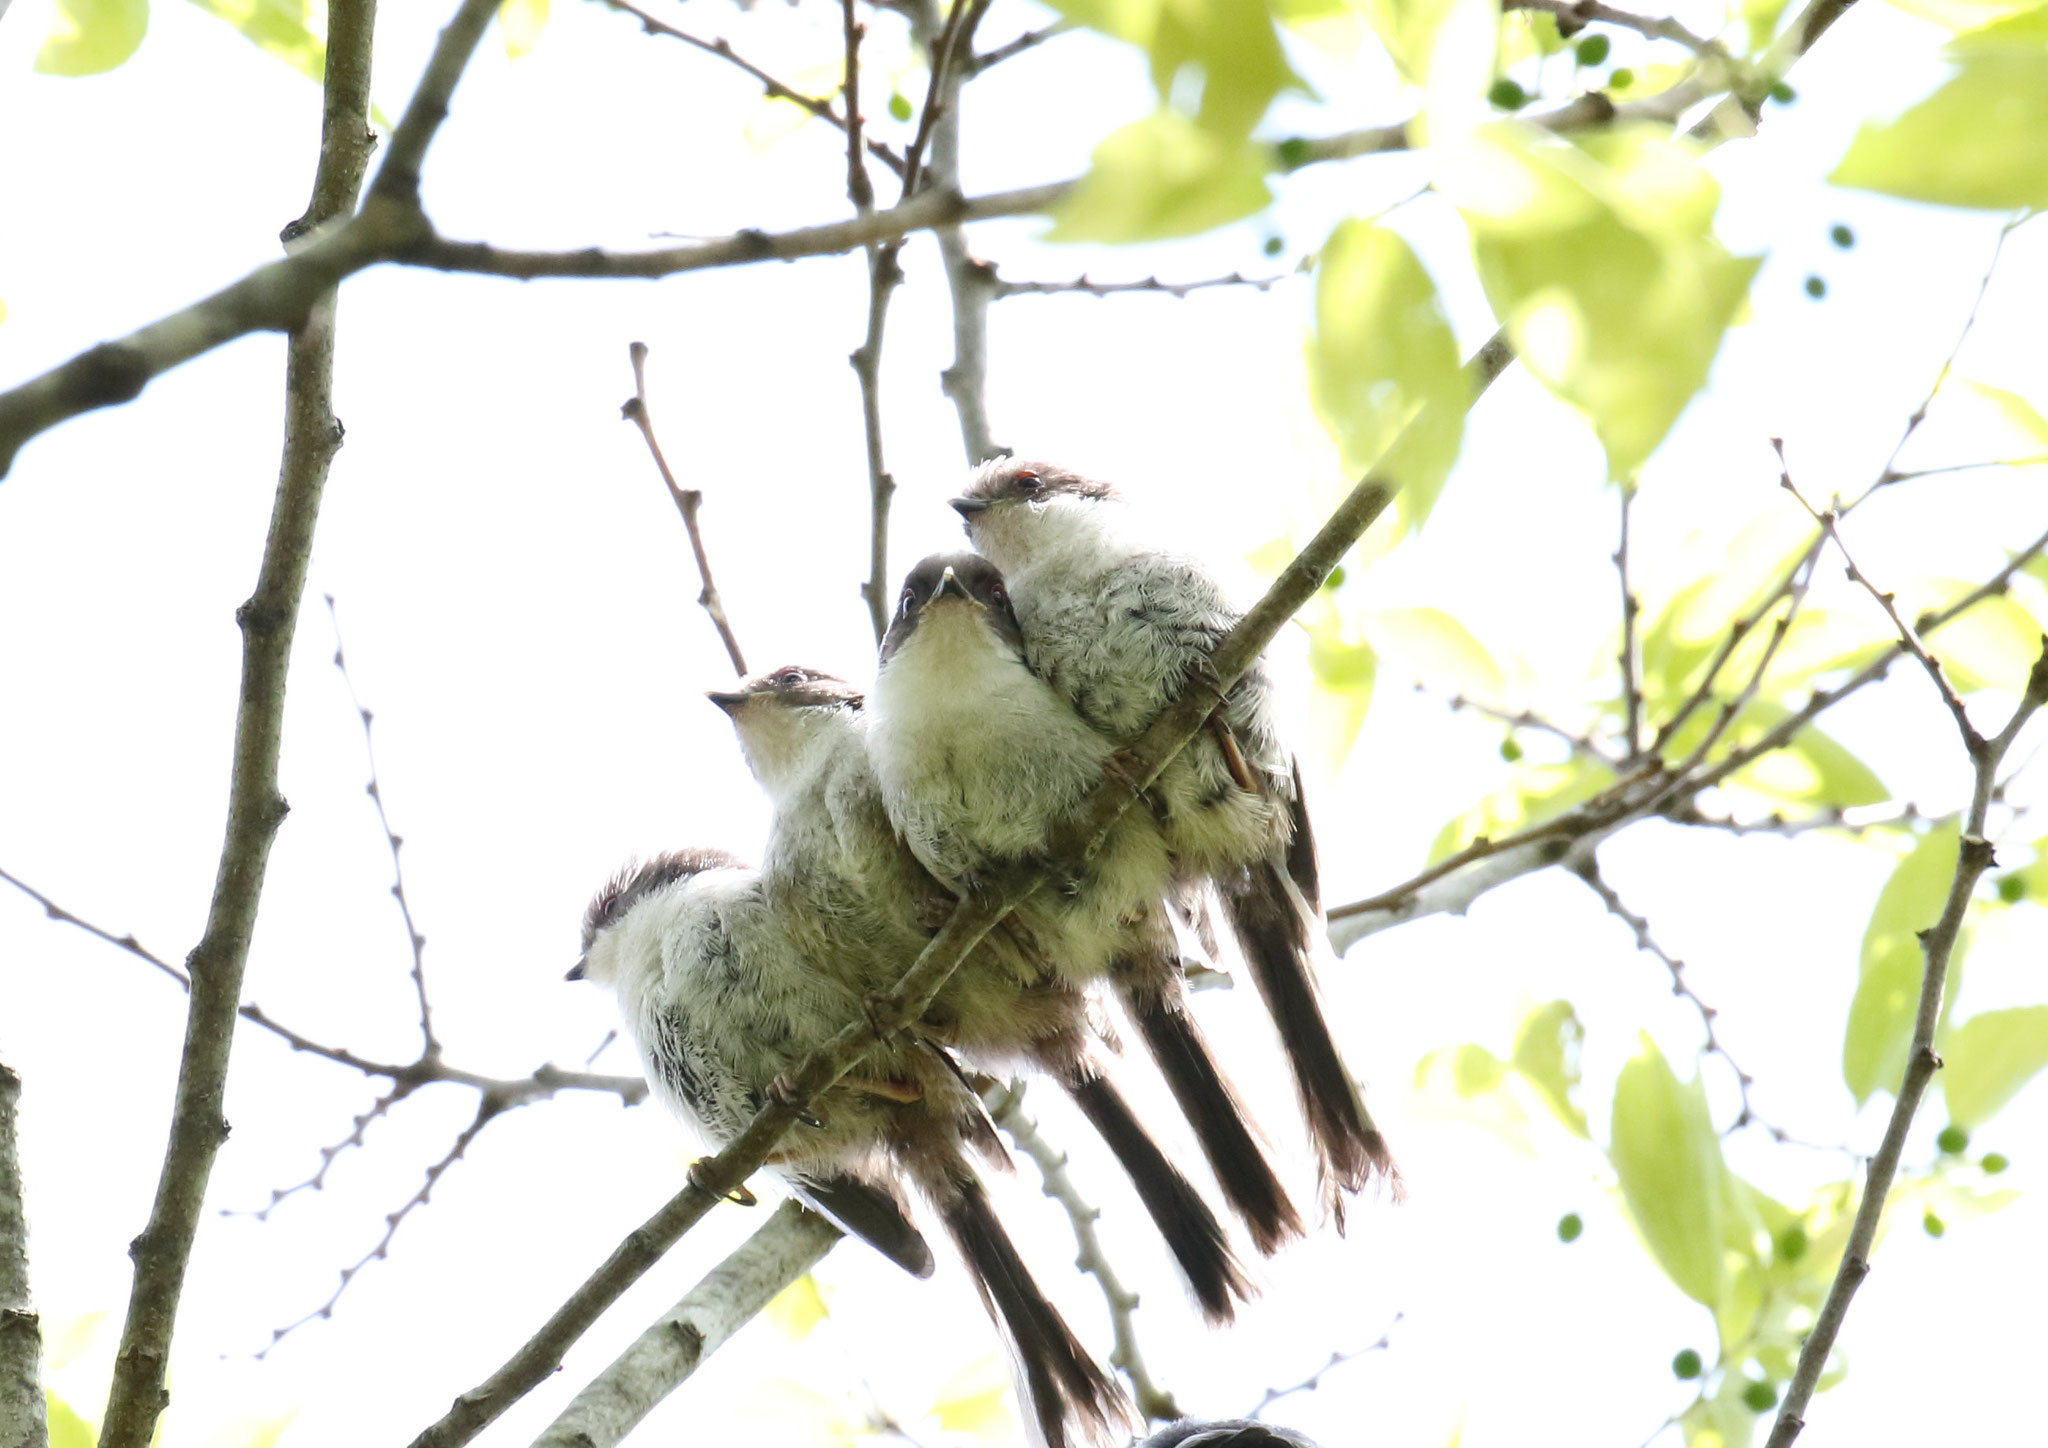 エナガ団子.雛4羽 エナガ雛 2021/4/27 柏市郊外      雛4羽 寄り添うように枝に並ぶ。